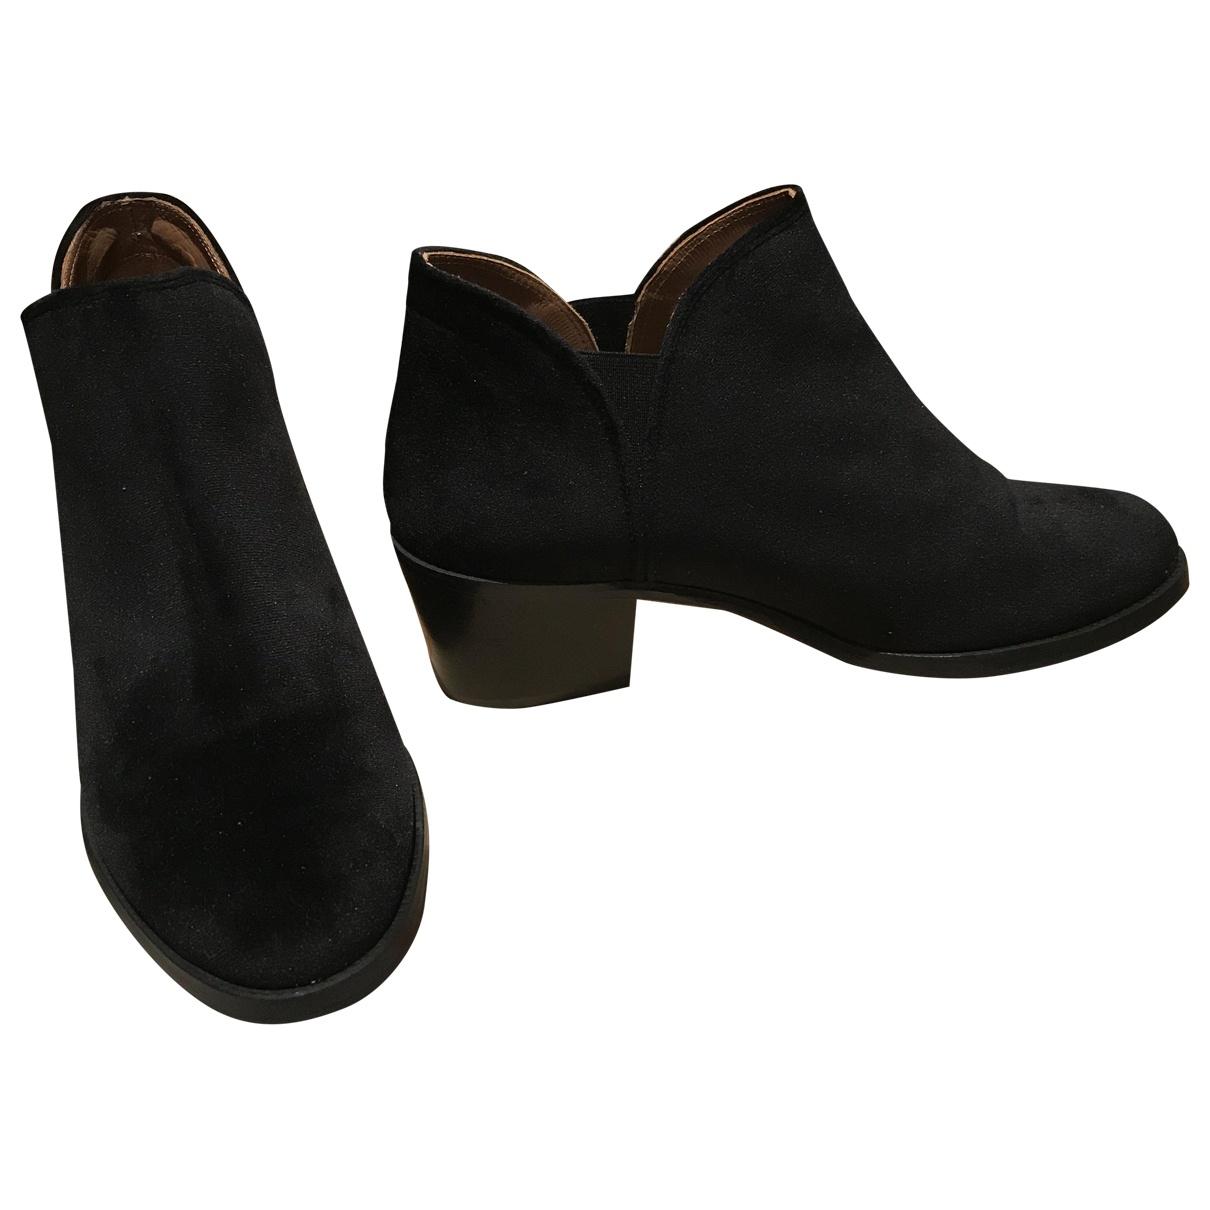 Castaner - Boots   pour femme en velours - noir